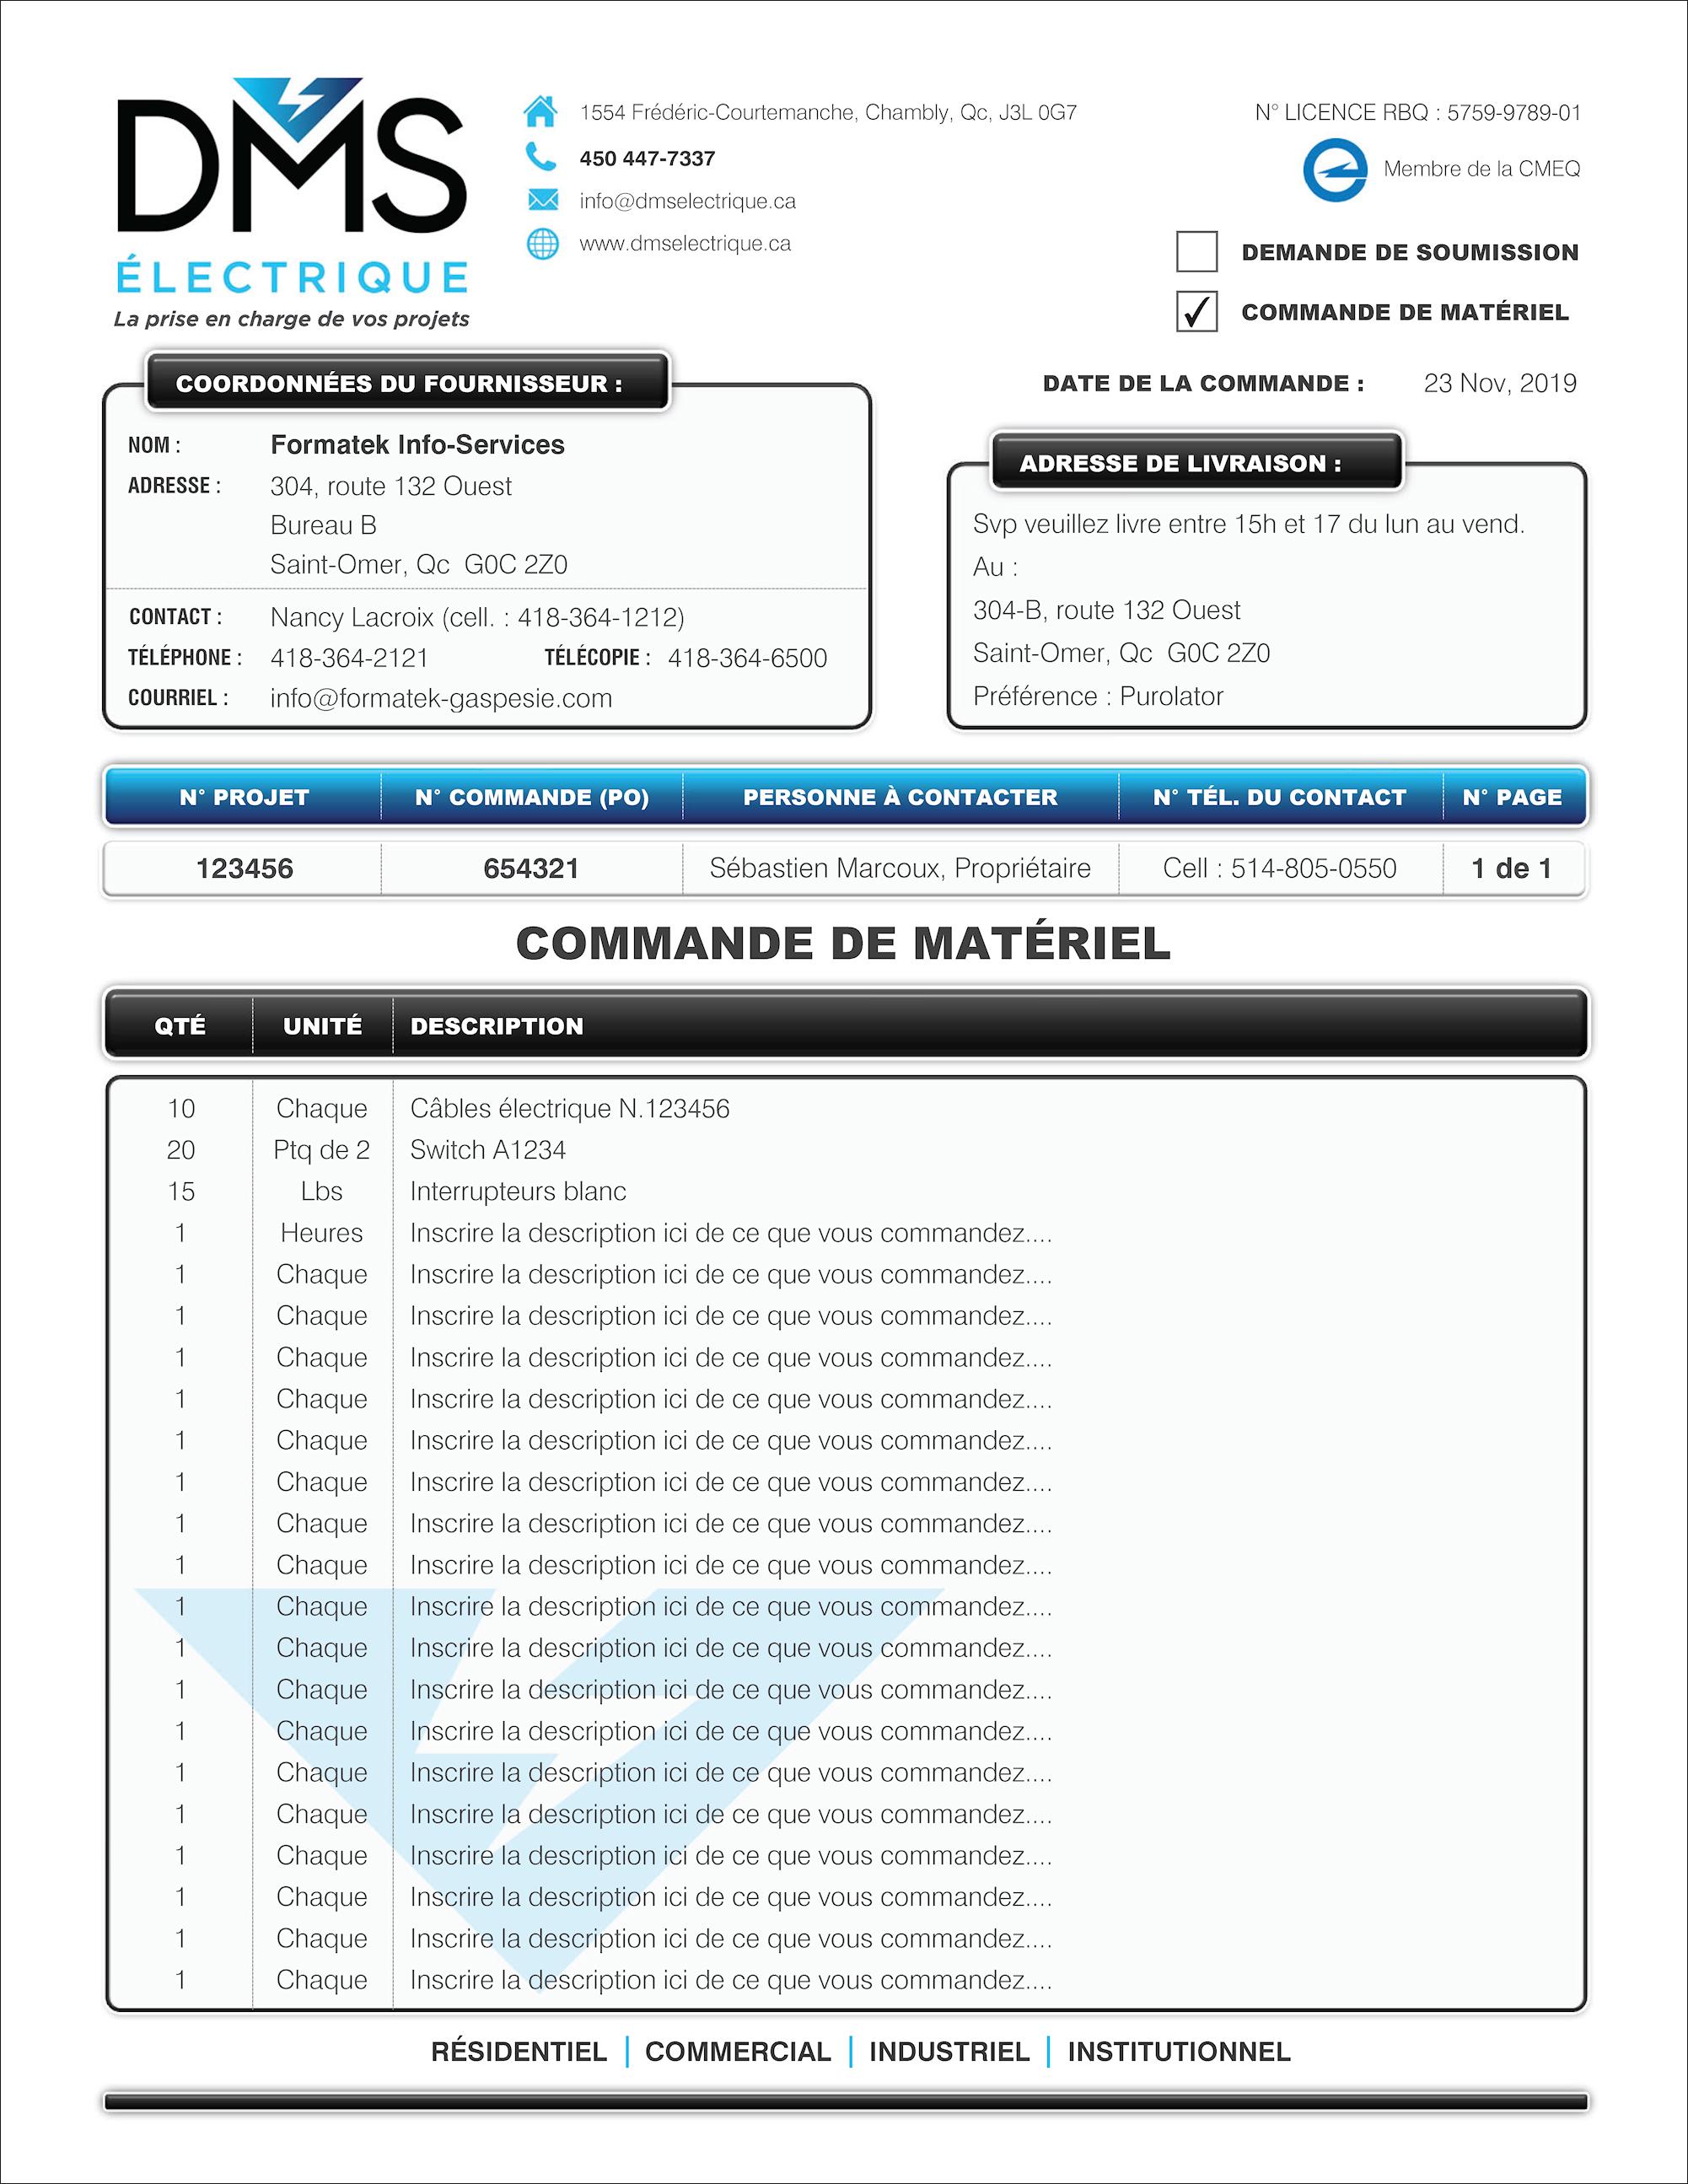 Bon De Commande A Un Fournisseur Pdf Dynamique Interactif Creation Et Programmation De Formulaires Sage 50 Simple Comptable